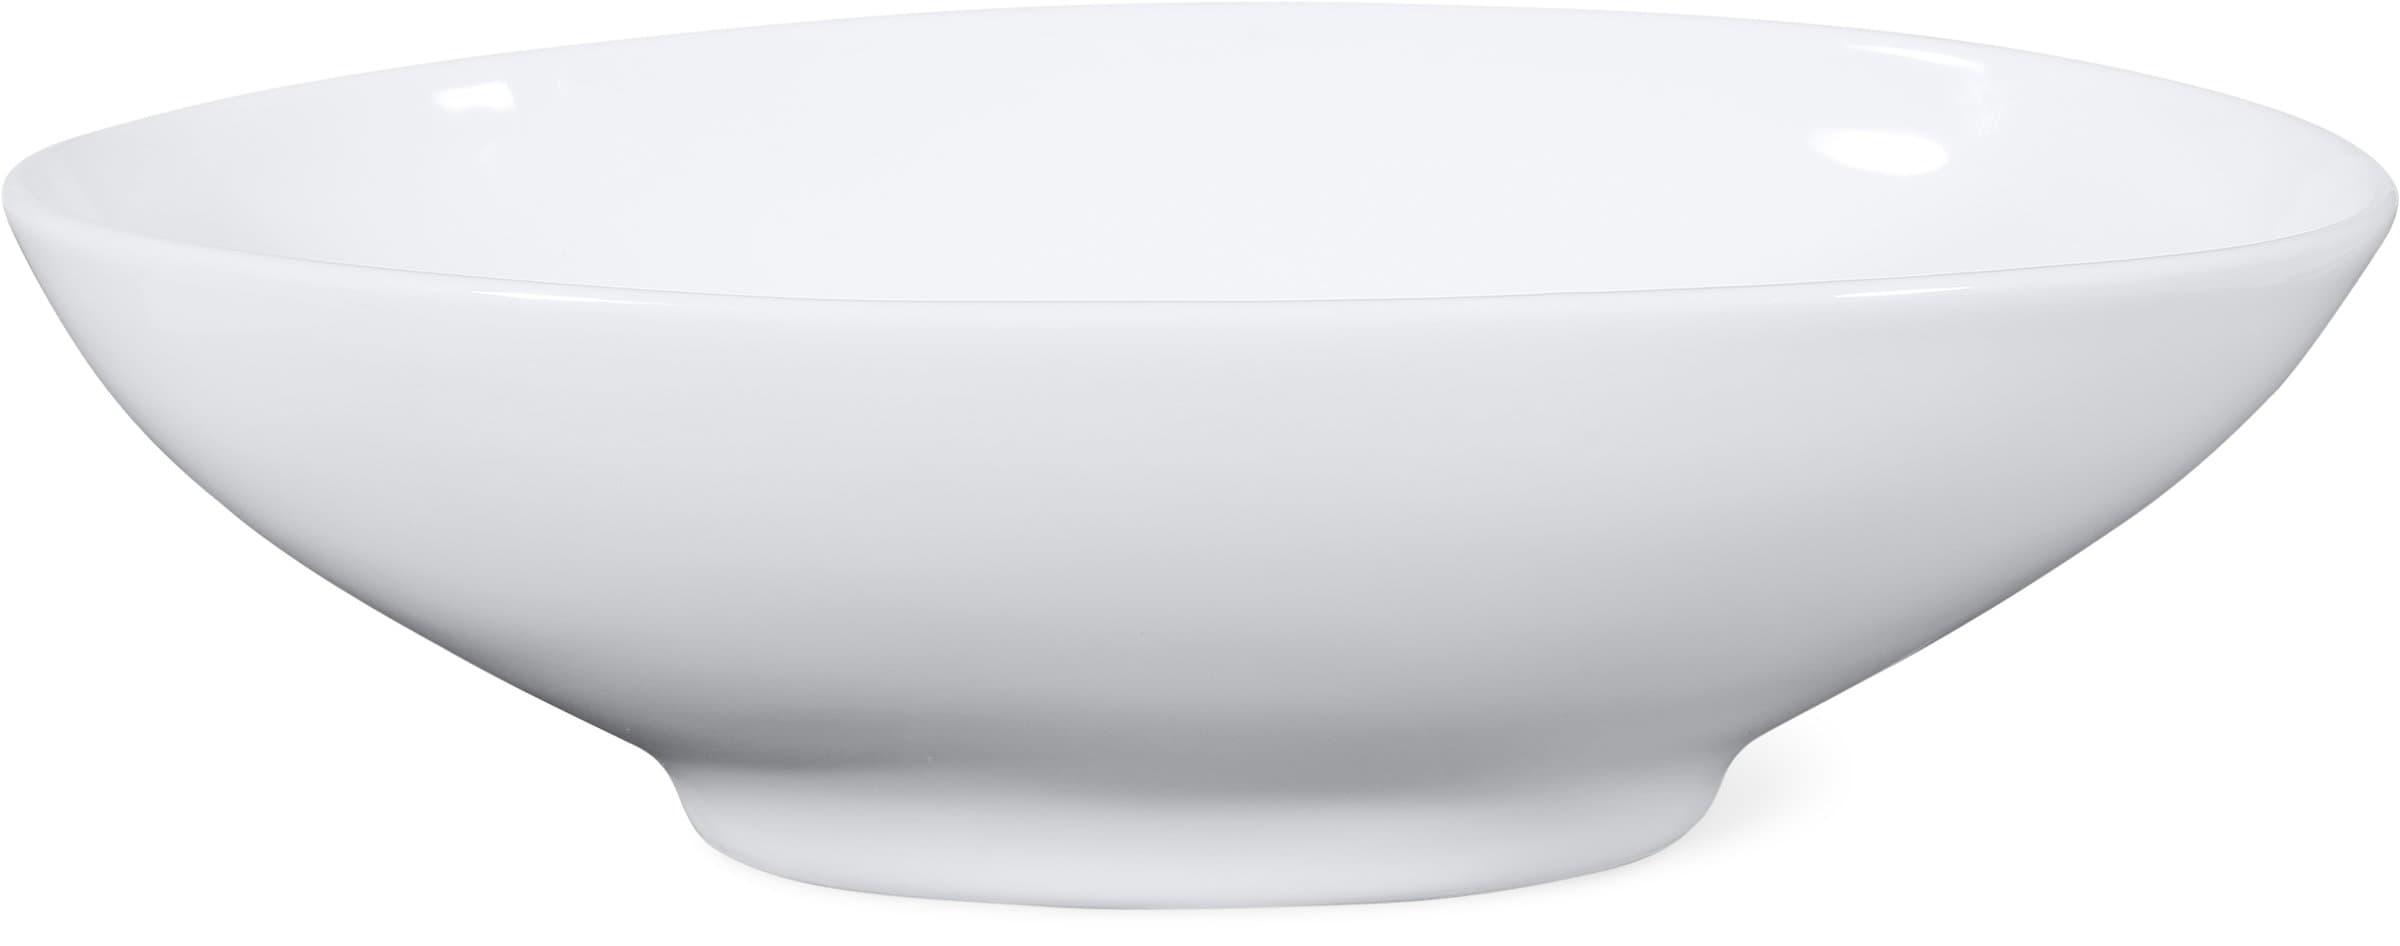 Cucina & Tavola PURE Ciotola 19x11.5cm